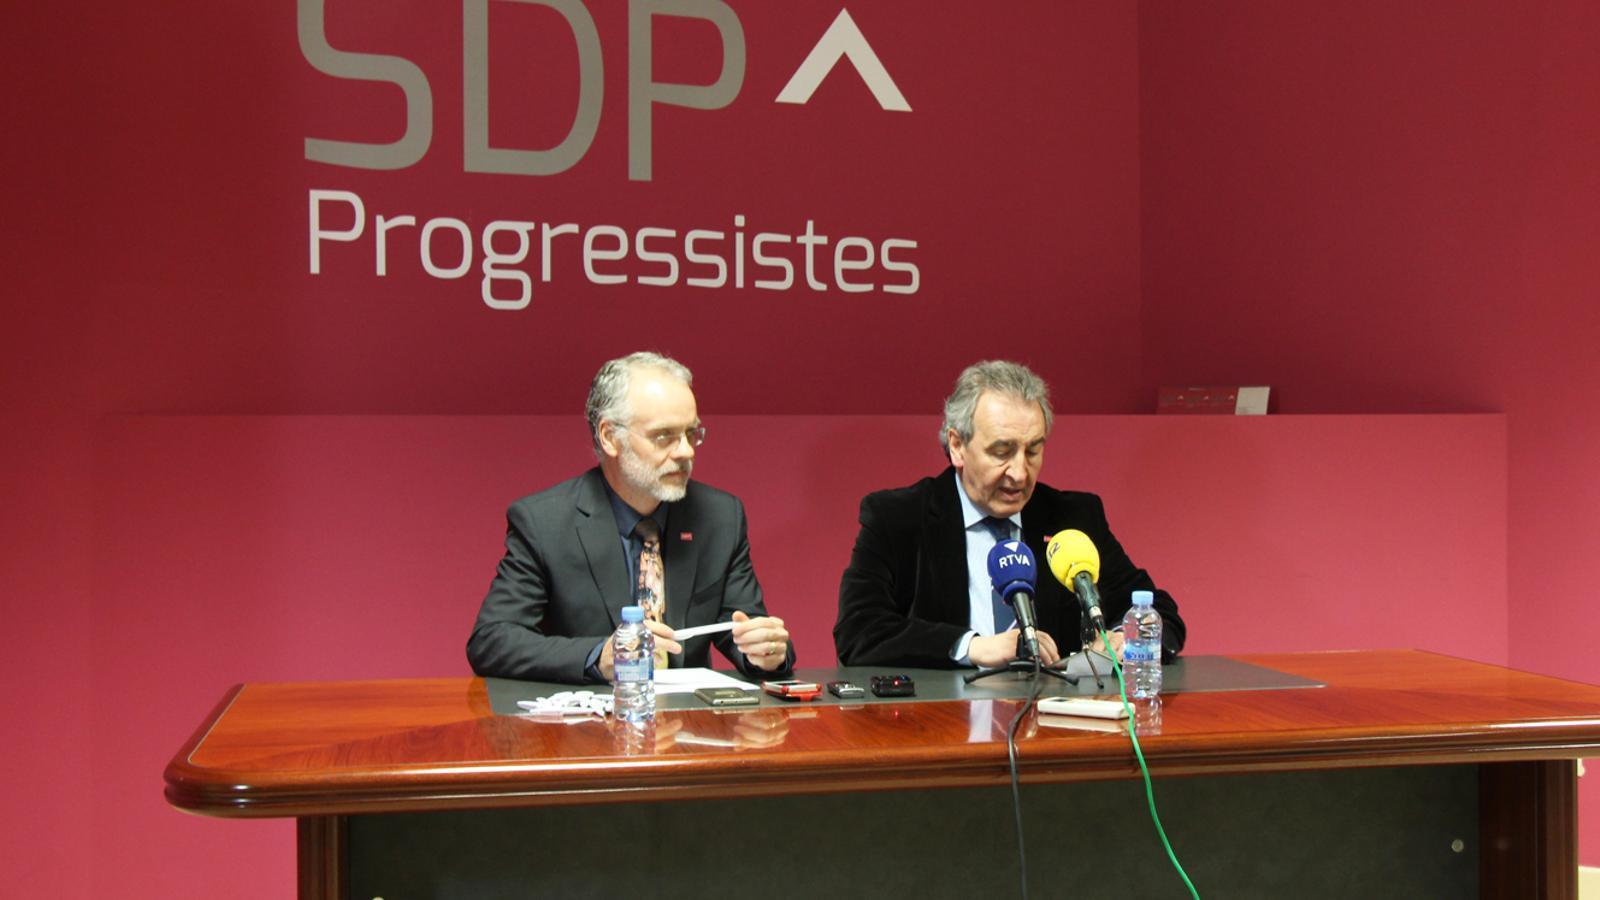 El president d'SDP, Jaume Bartumeu, i el cap de llista nacional, Josep Roig, durant la roda de premsa de la formació celebrada aquest dimarts. / M. P.